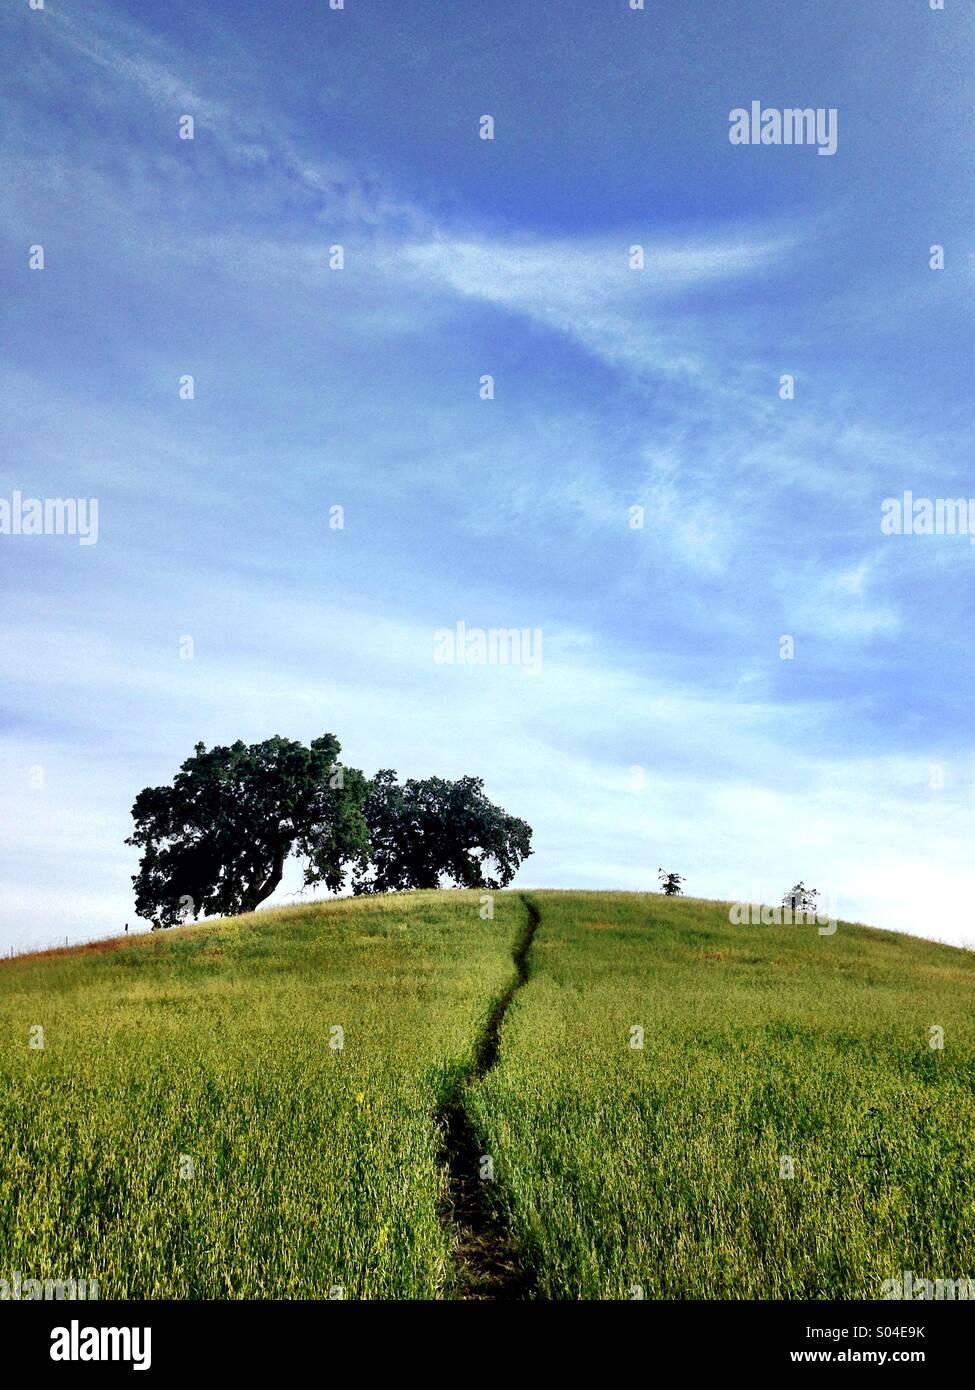 Weg durch grasbewachsenen Hügel mit Eiche an der Spitze Stockbild